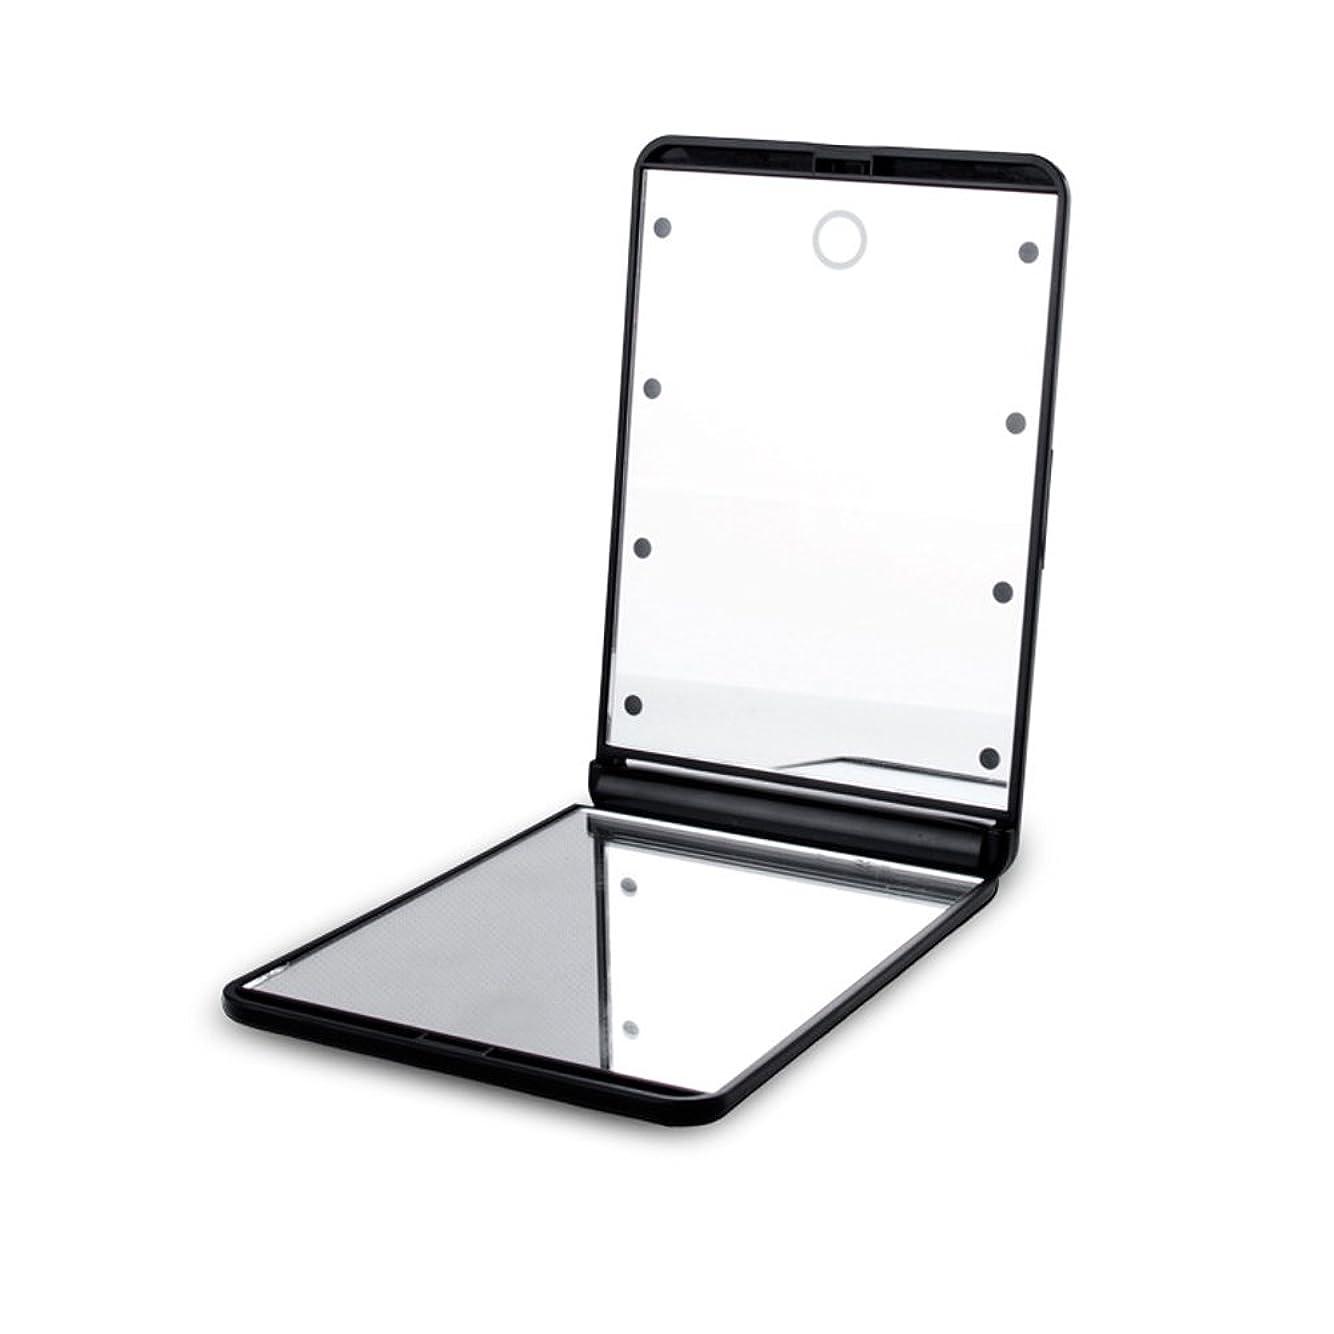 ランチョン終了するペッカディロled化粧鏡 二面鏡 折りたたみ式 LEDライト メイクミラー 明るさ調整 コンパクトミラー 2倍拡大鏡付 ブラック